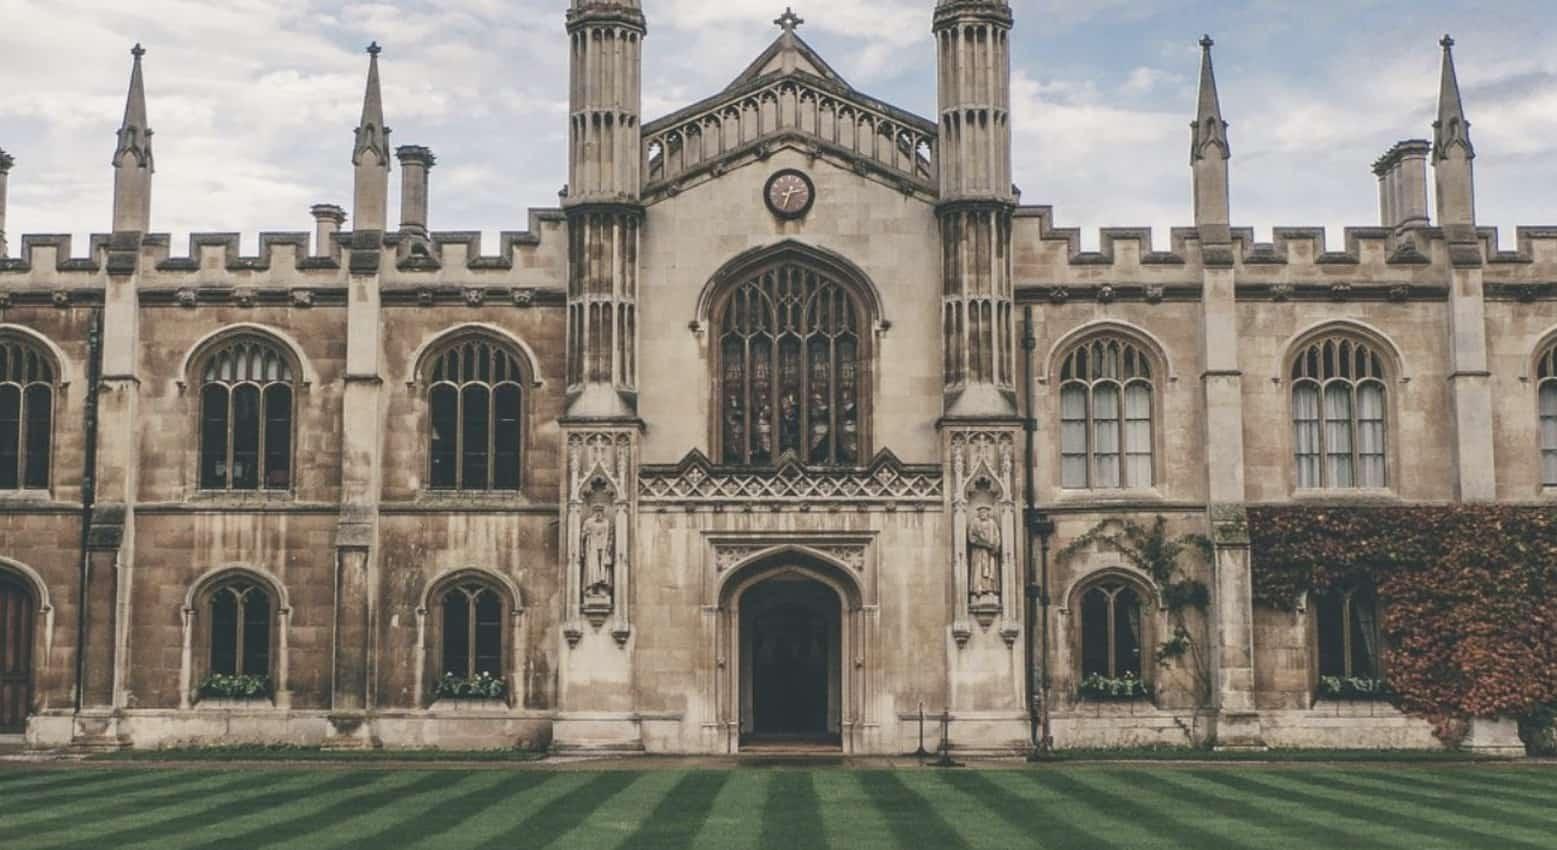 Granta Academy in Cambridge